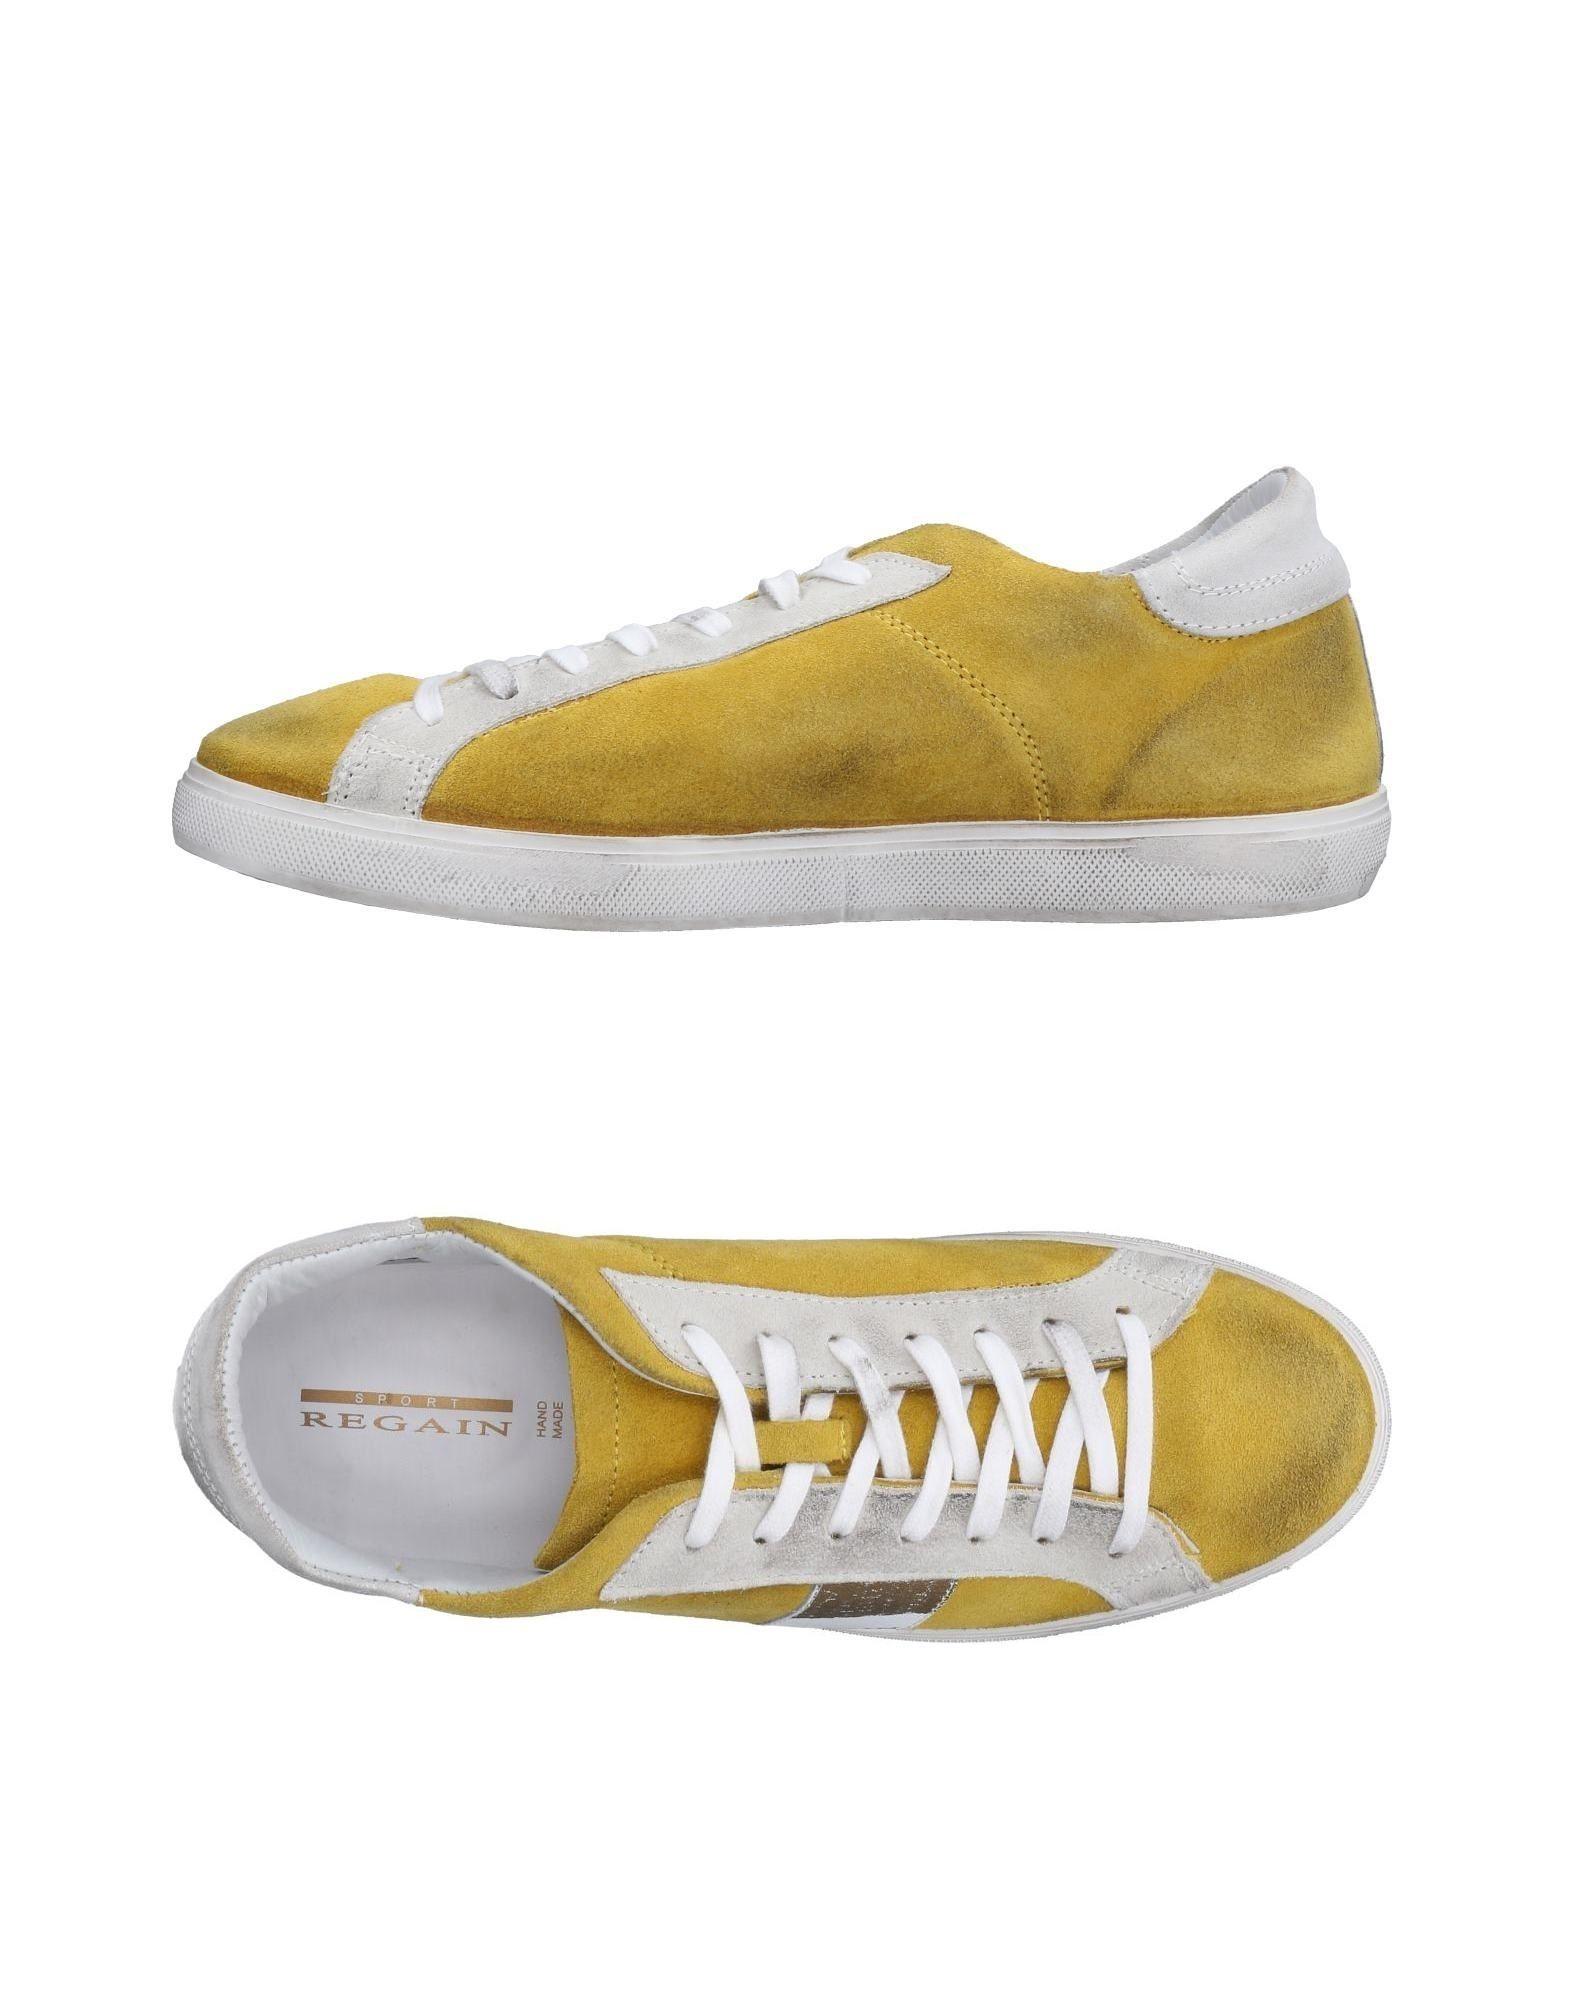 Sneakers Regain Homme - Sneakers Regain  Jaune Mode pas cher et belle